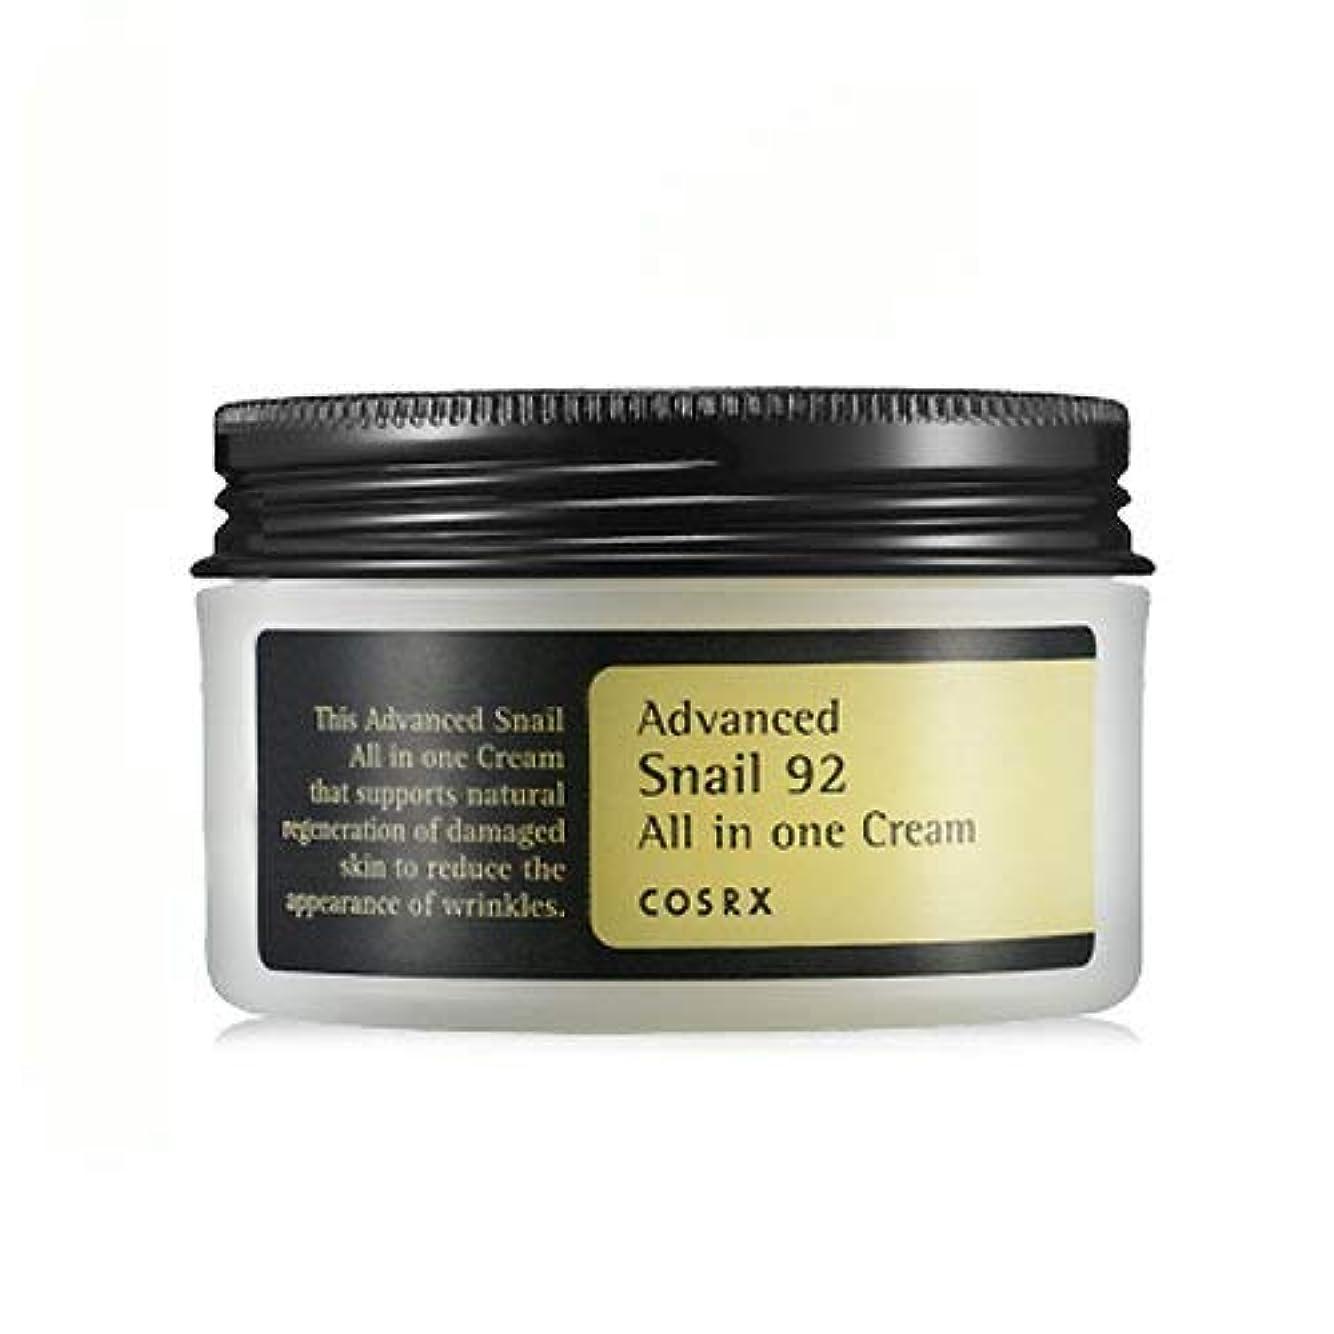 味わう冊子解説(3 Pack) COSRX Advanced Snail 92 All In One Cream (並行輸入品)